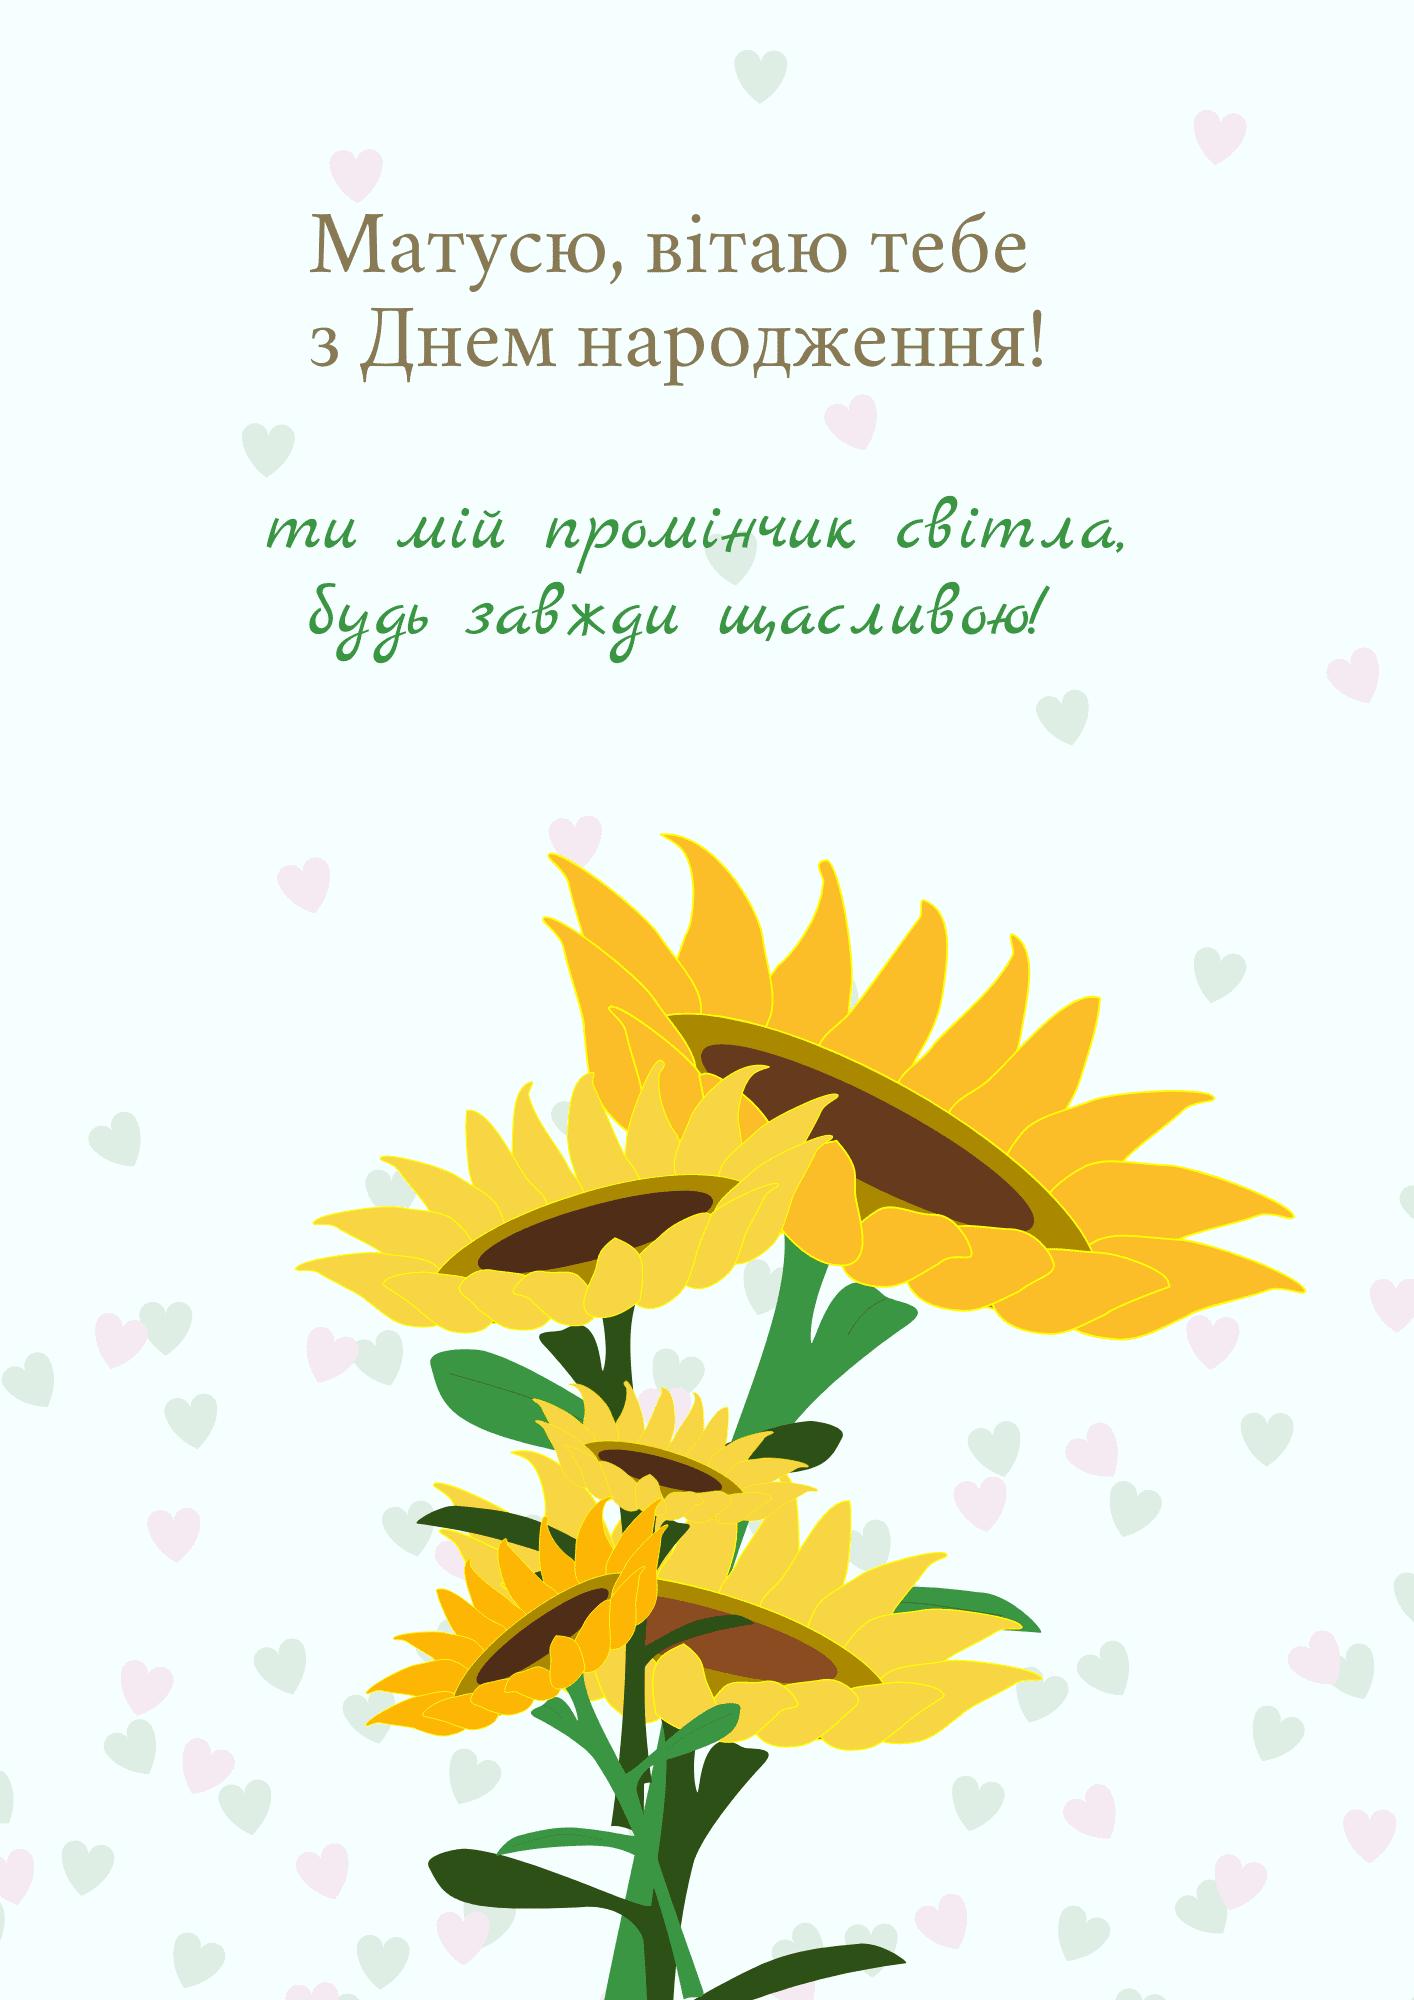 Листівка з привітанням для мами - Moonzori